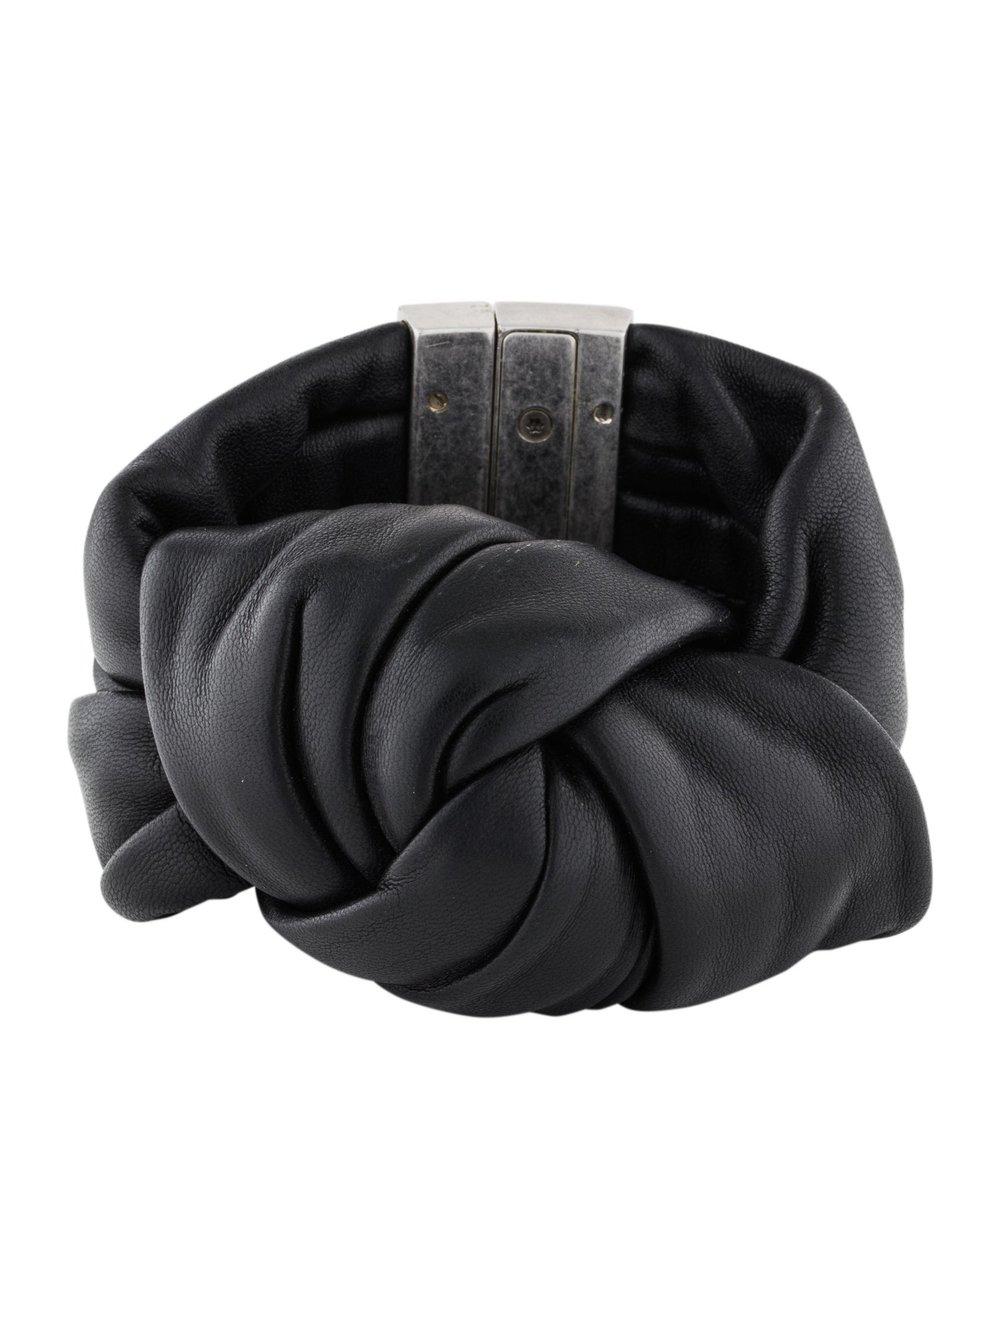 Copy of Celine Summer 2013 Runway Leather Know Bracelet Black